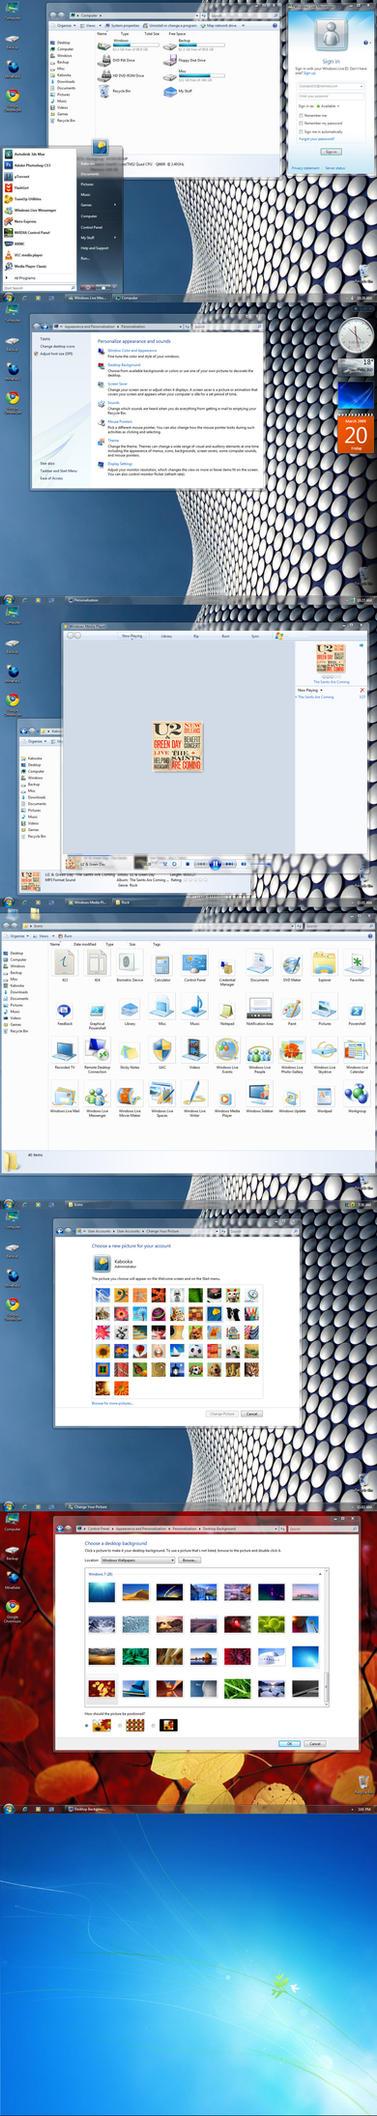 Windows 7 AIO Essentials Pack by Ka-Booka